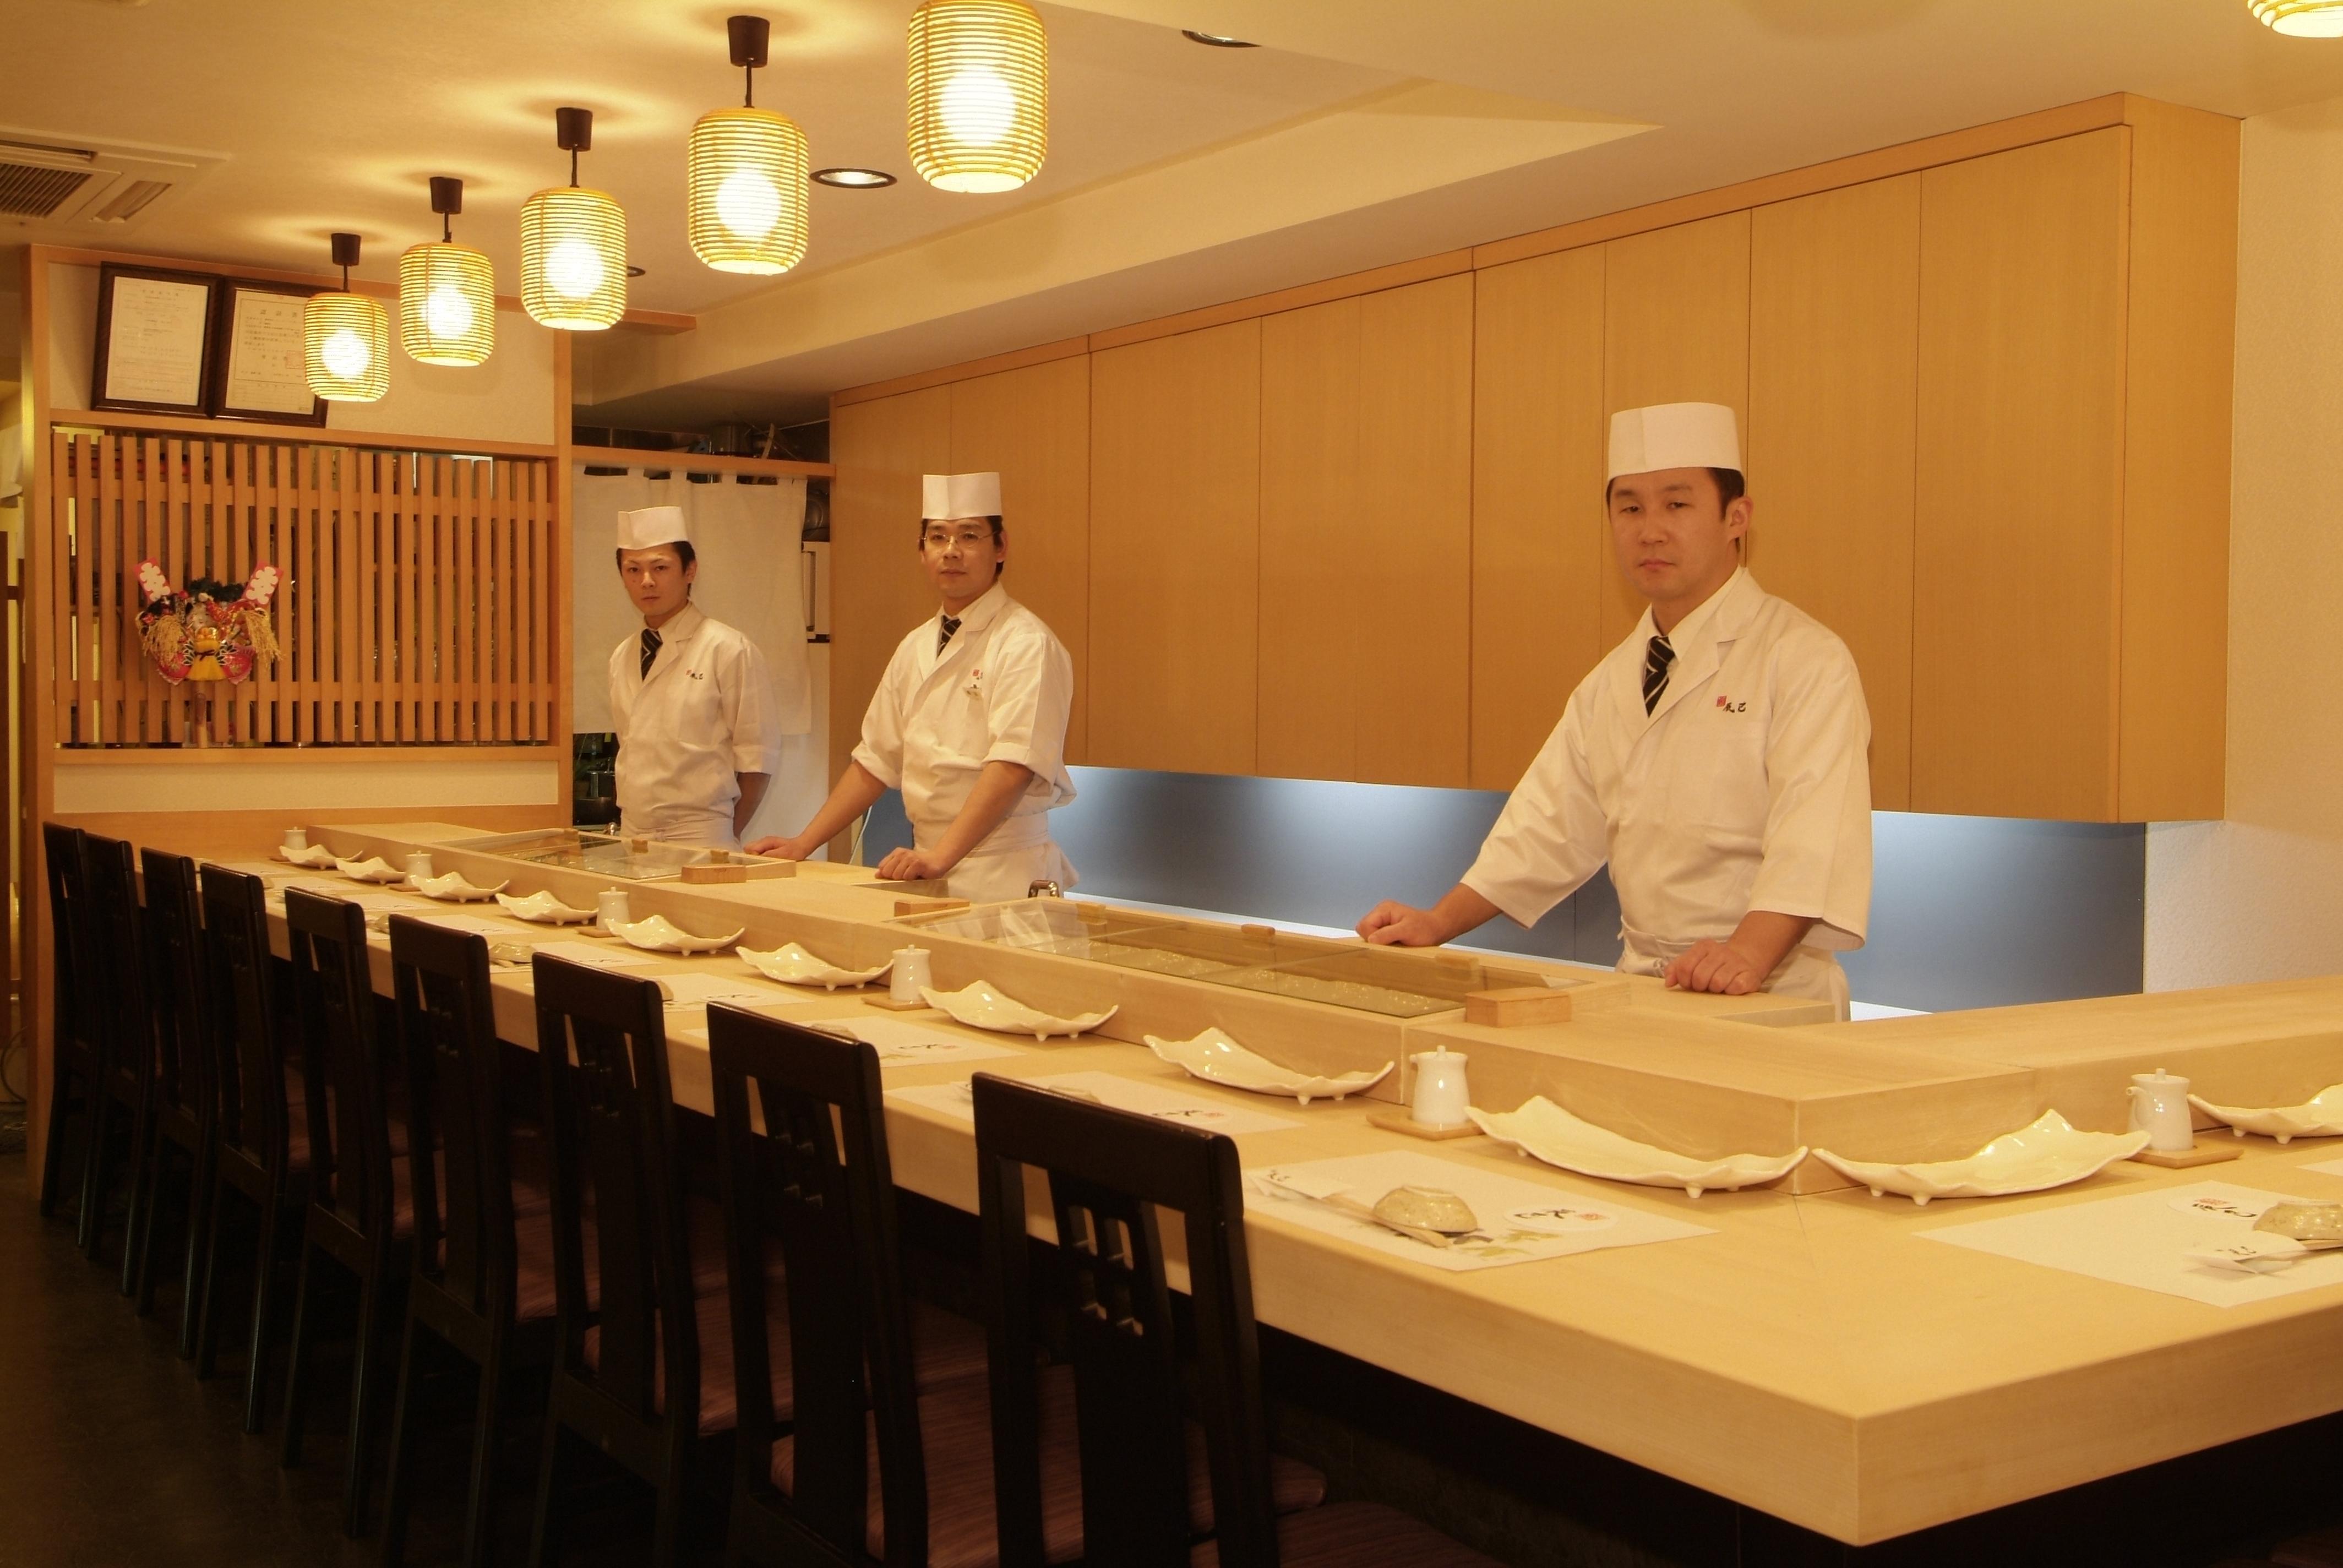 【東京 銀座】高級寿司店 寿司職人求人